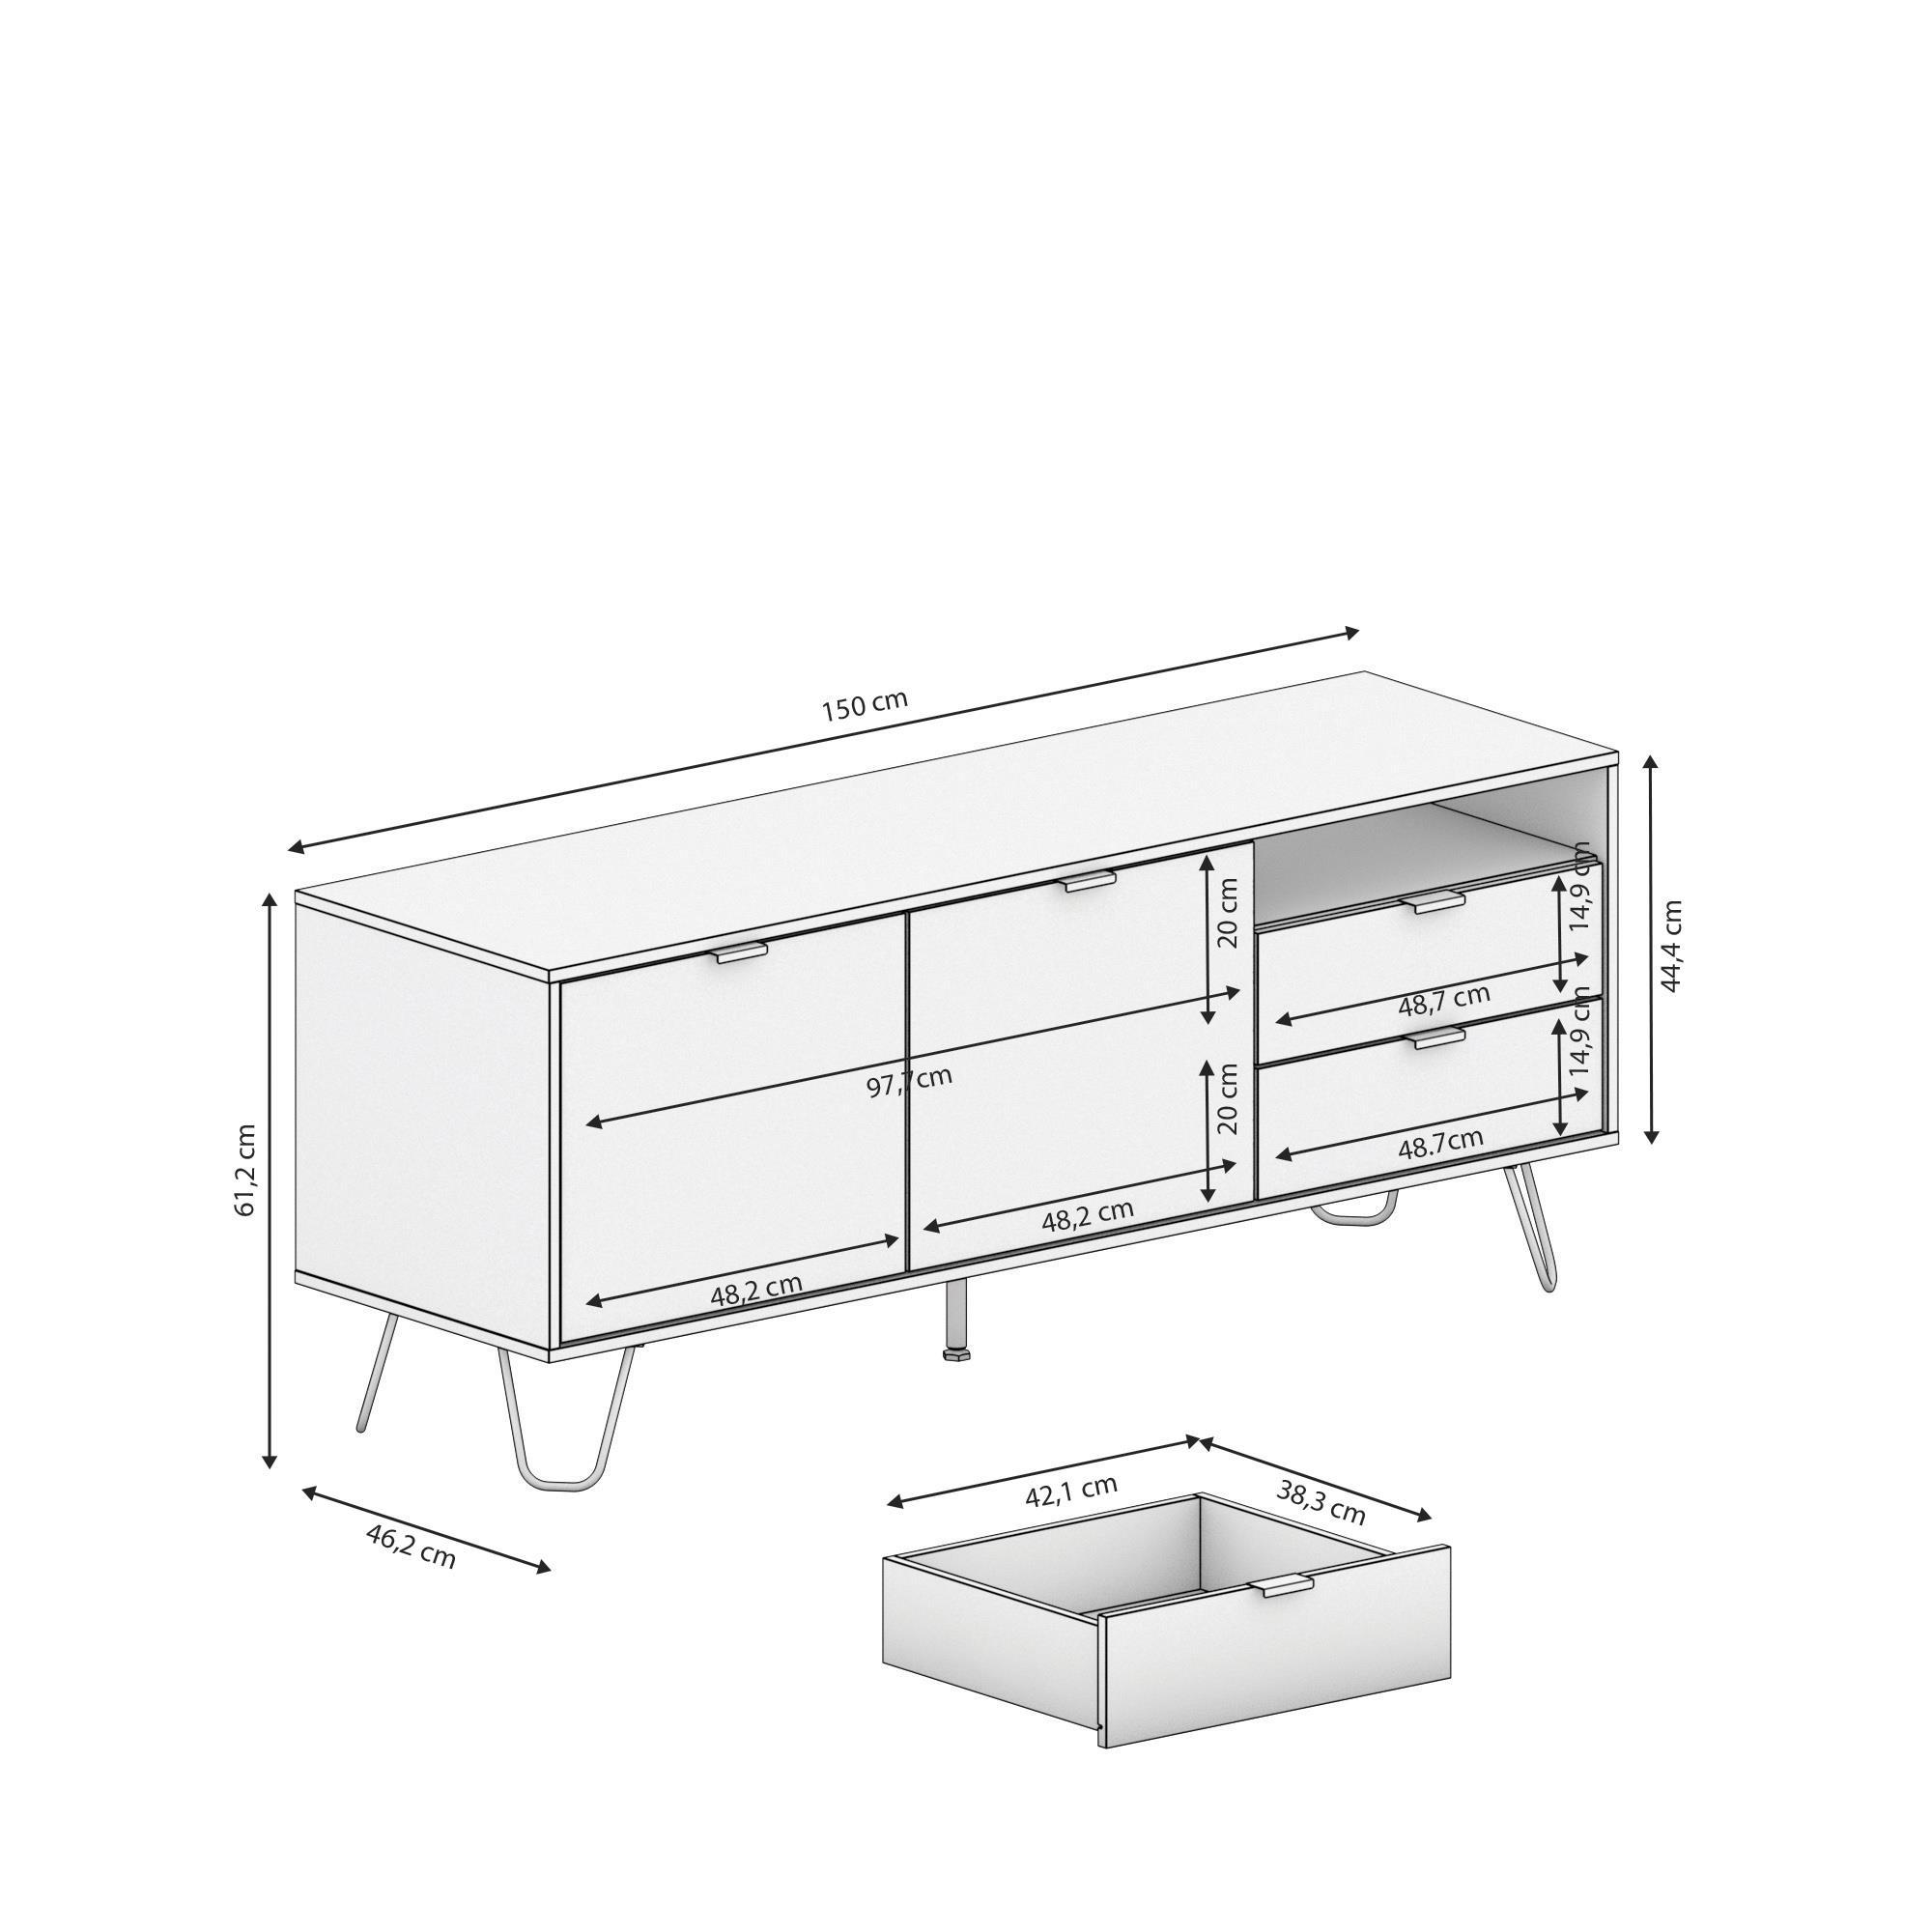 prodcor_5706_EU008-EBPR1_EU008-EBPR1-9.jpg